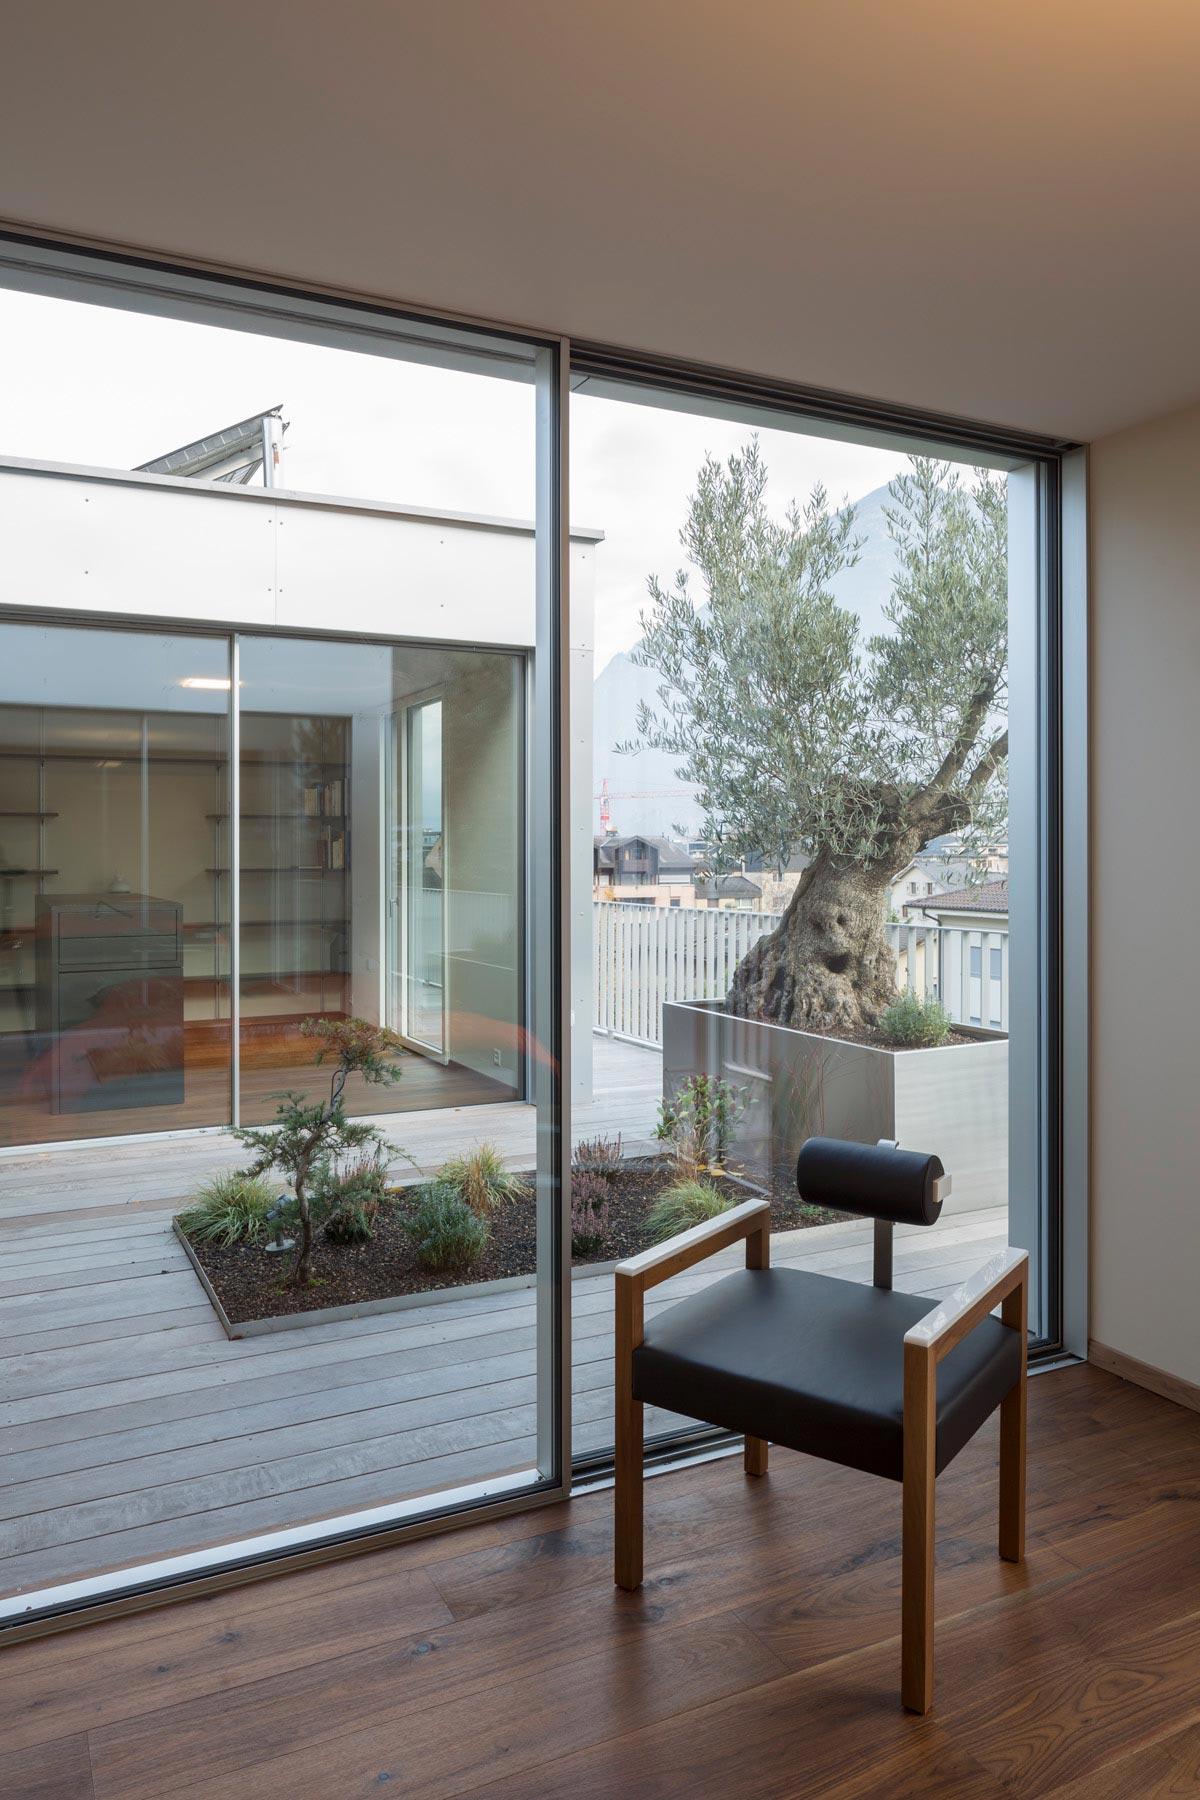 ES Voi 4247 chambre vtc 20 05 001 - Lilo 4 - Chambre avec terrasse